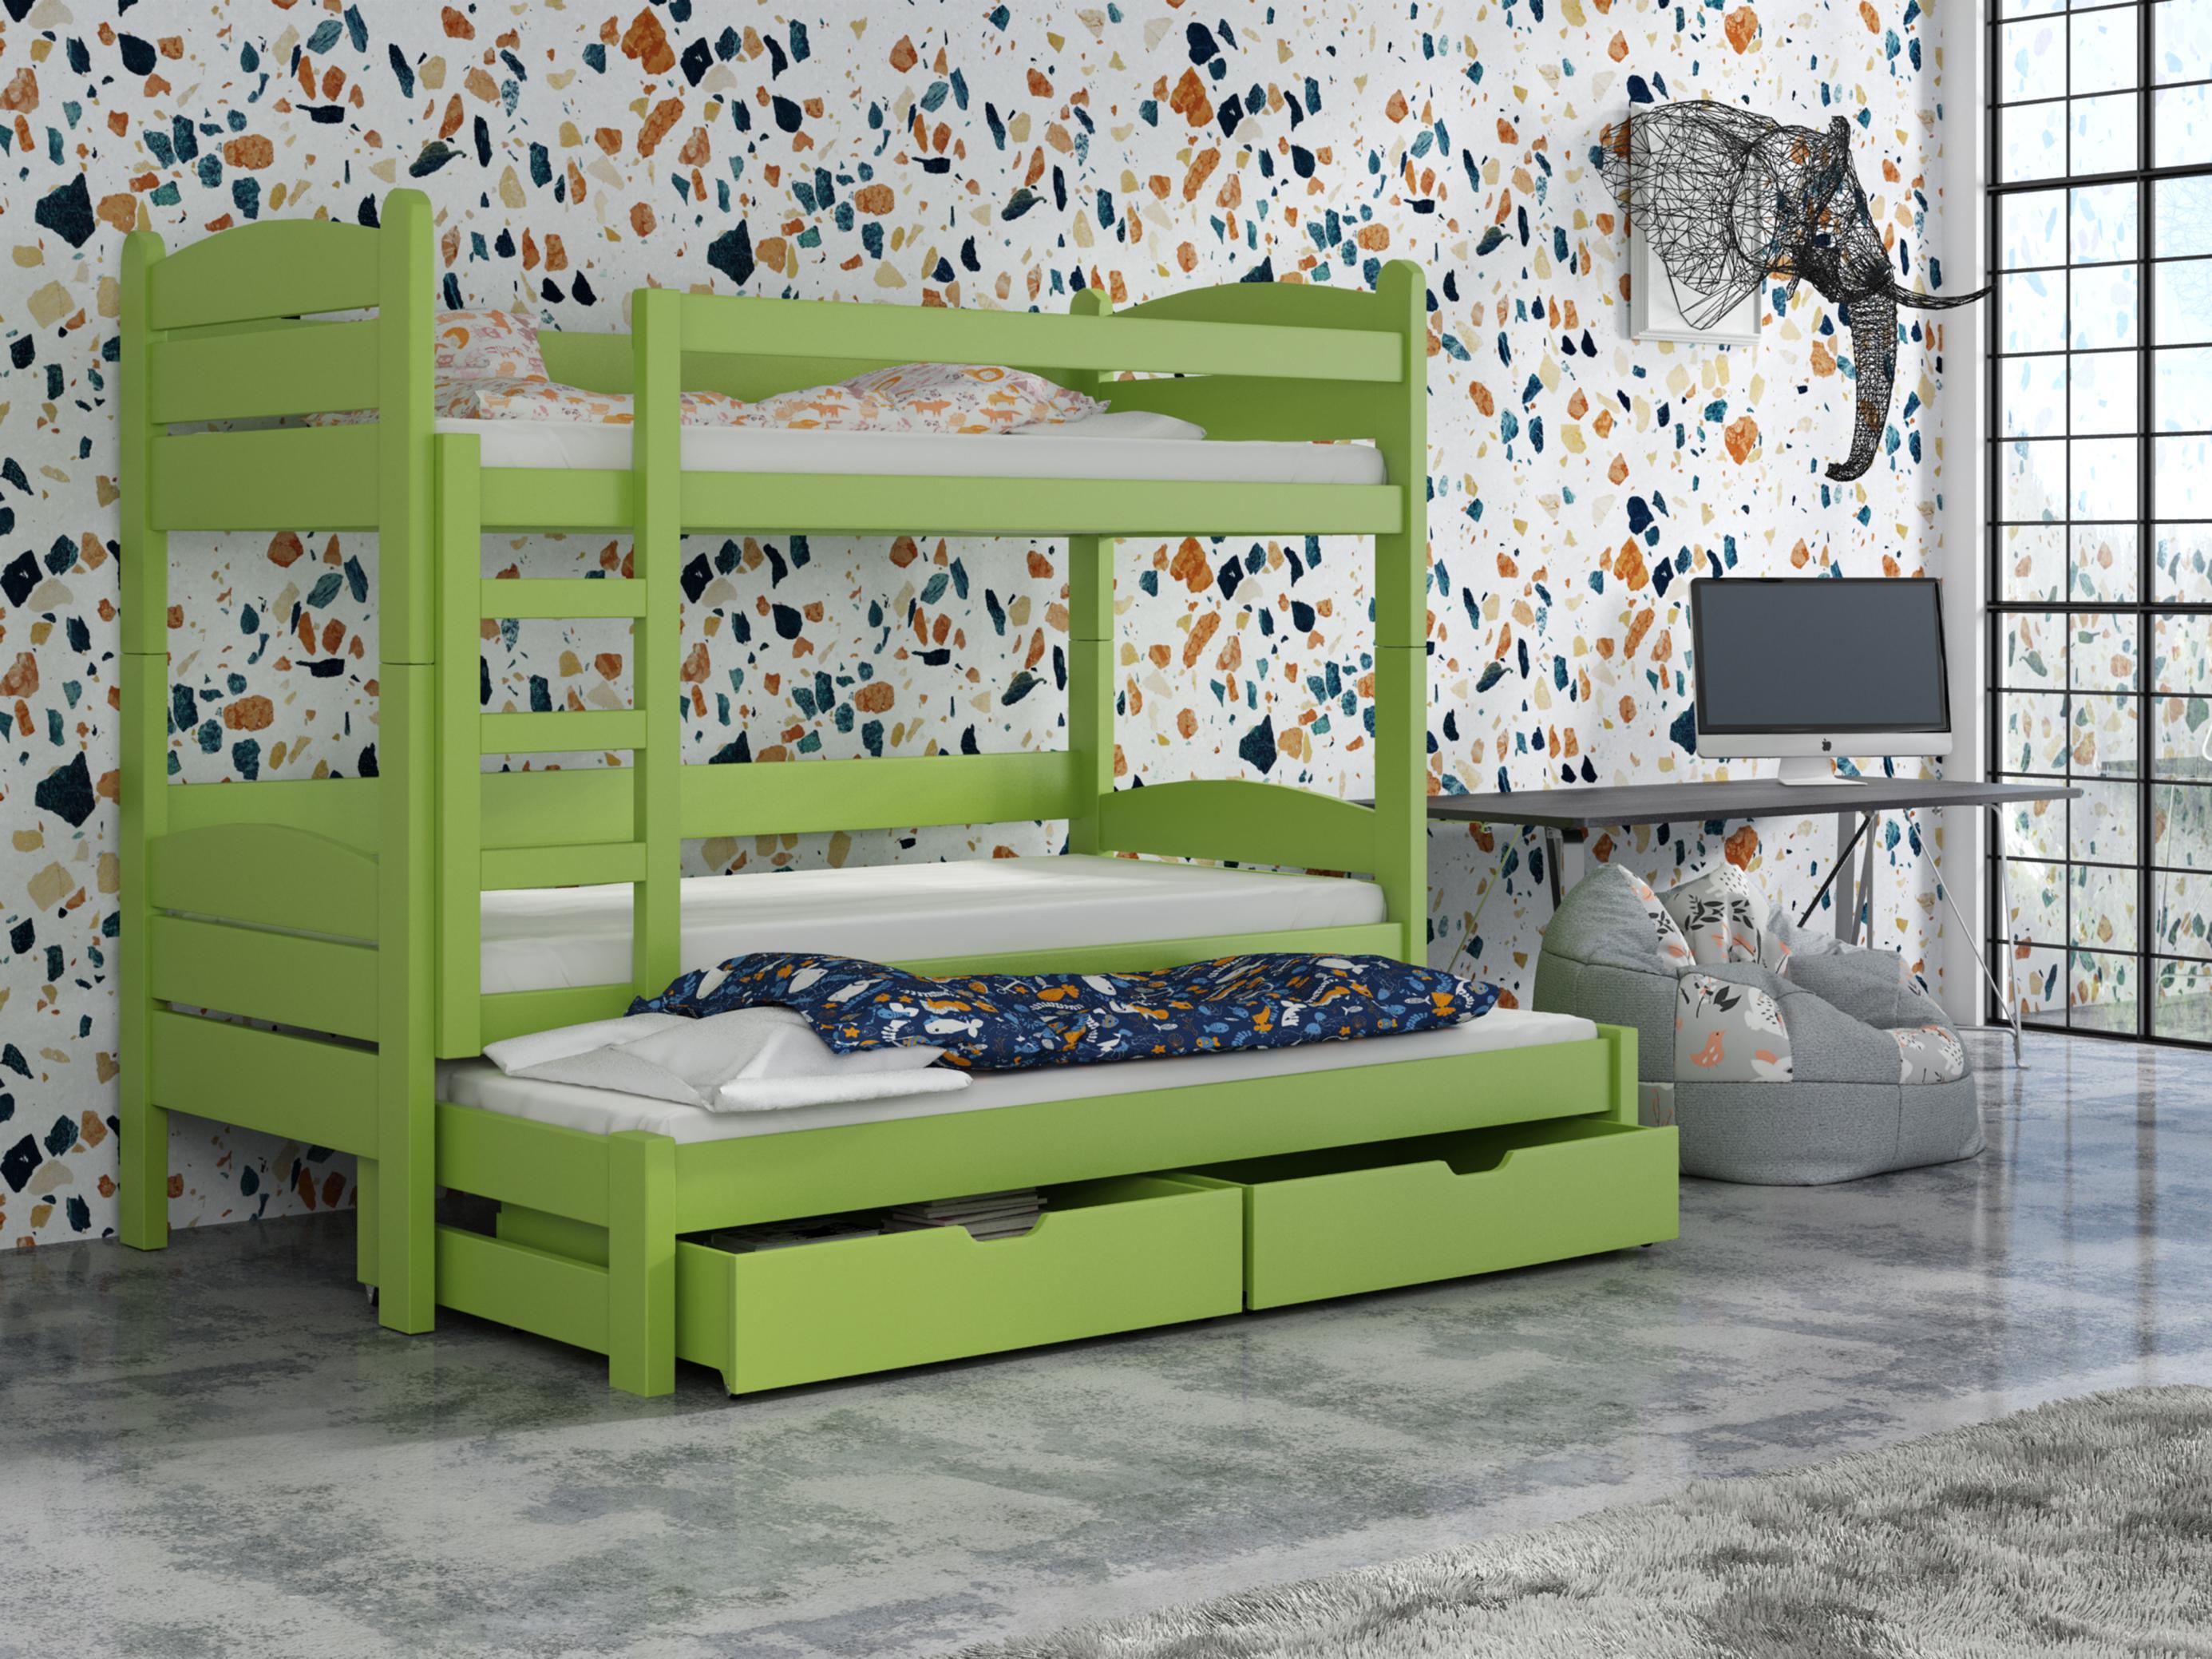 Dětská patrová postel 90 cm - Celsa (zelená)